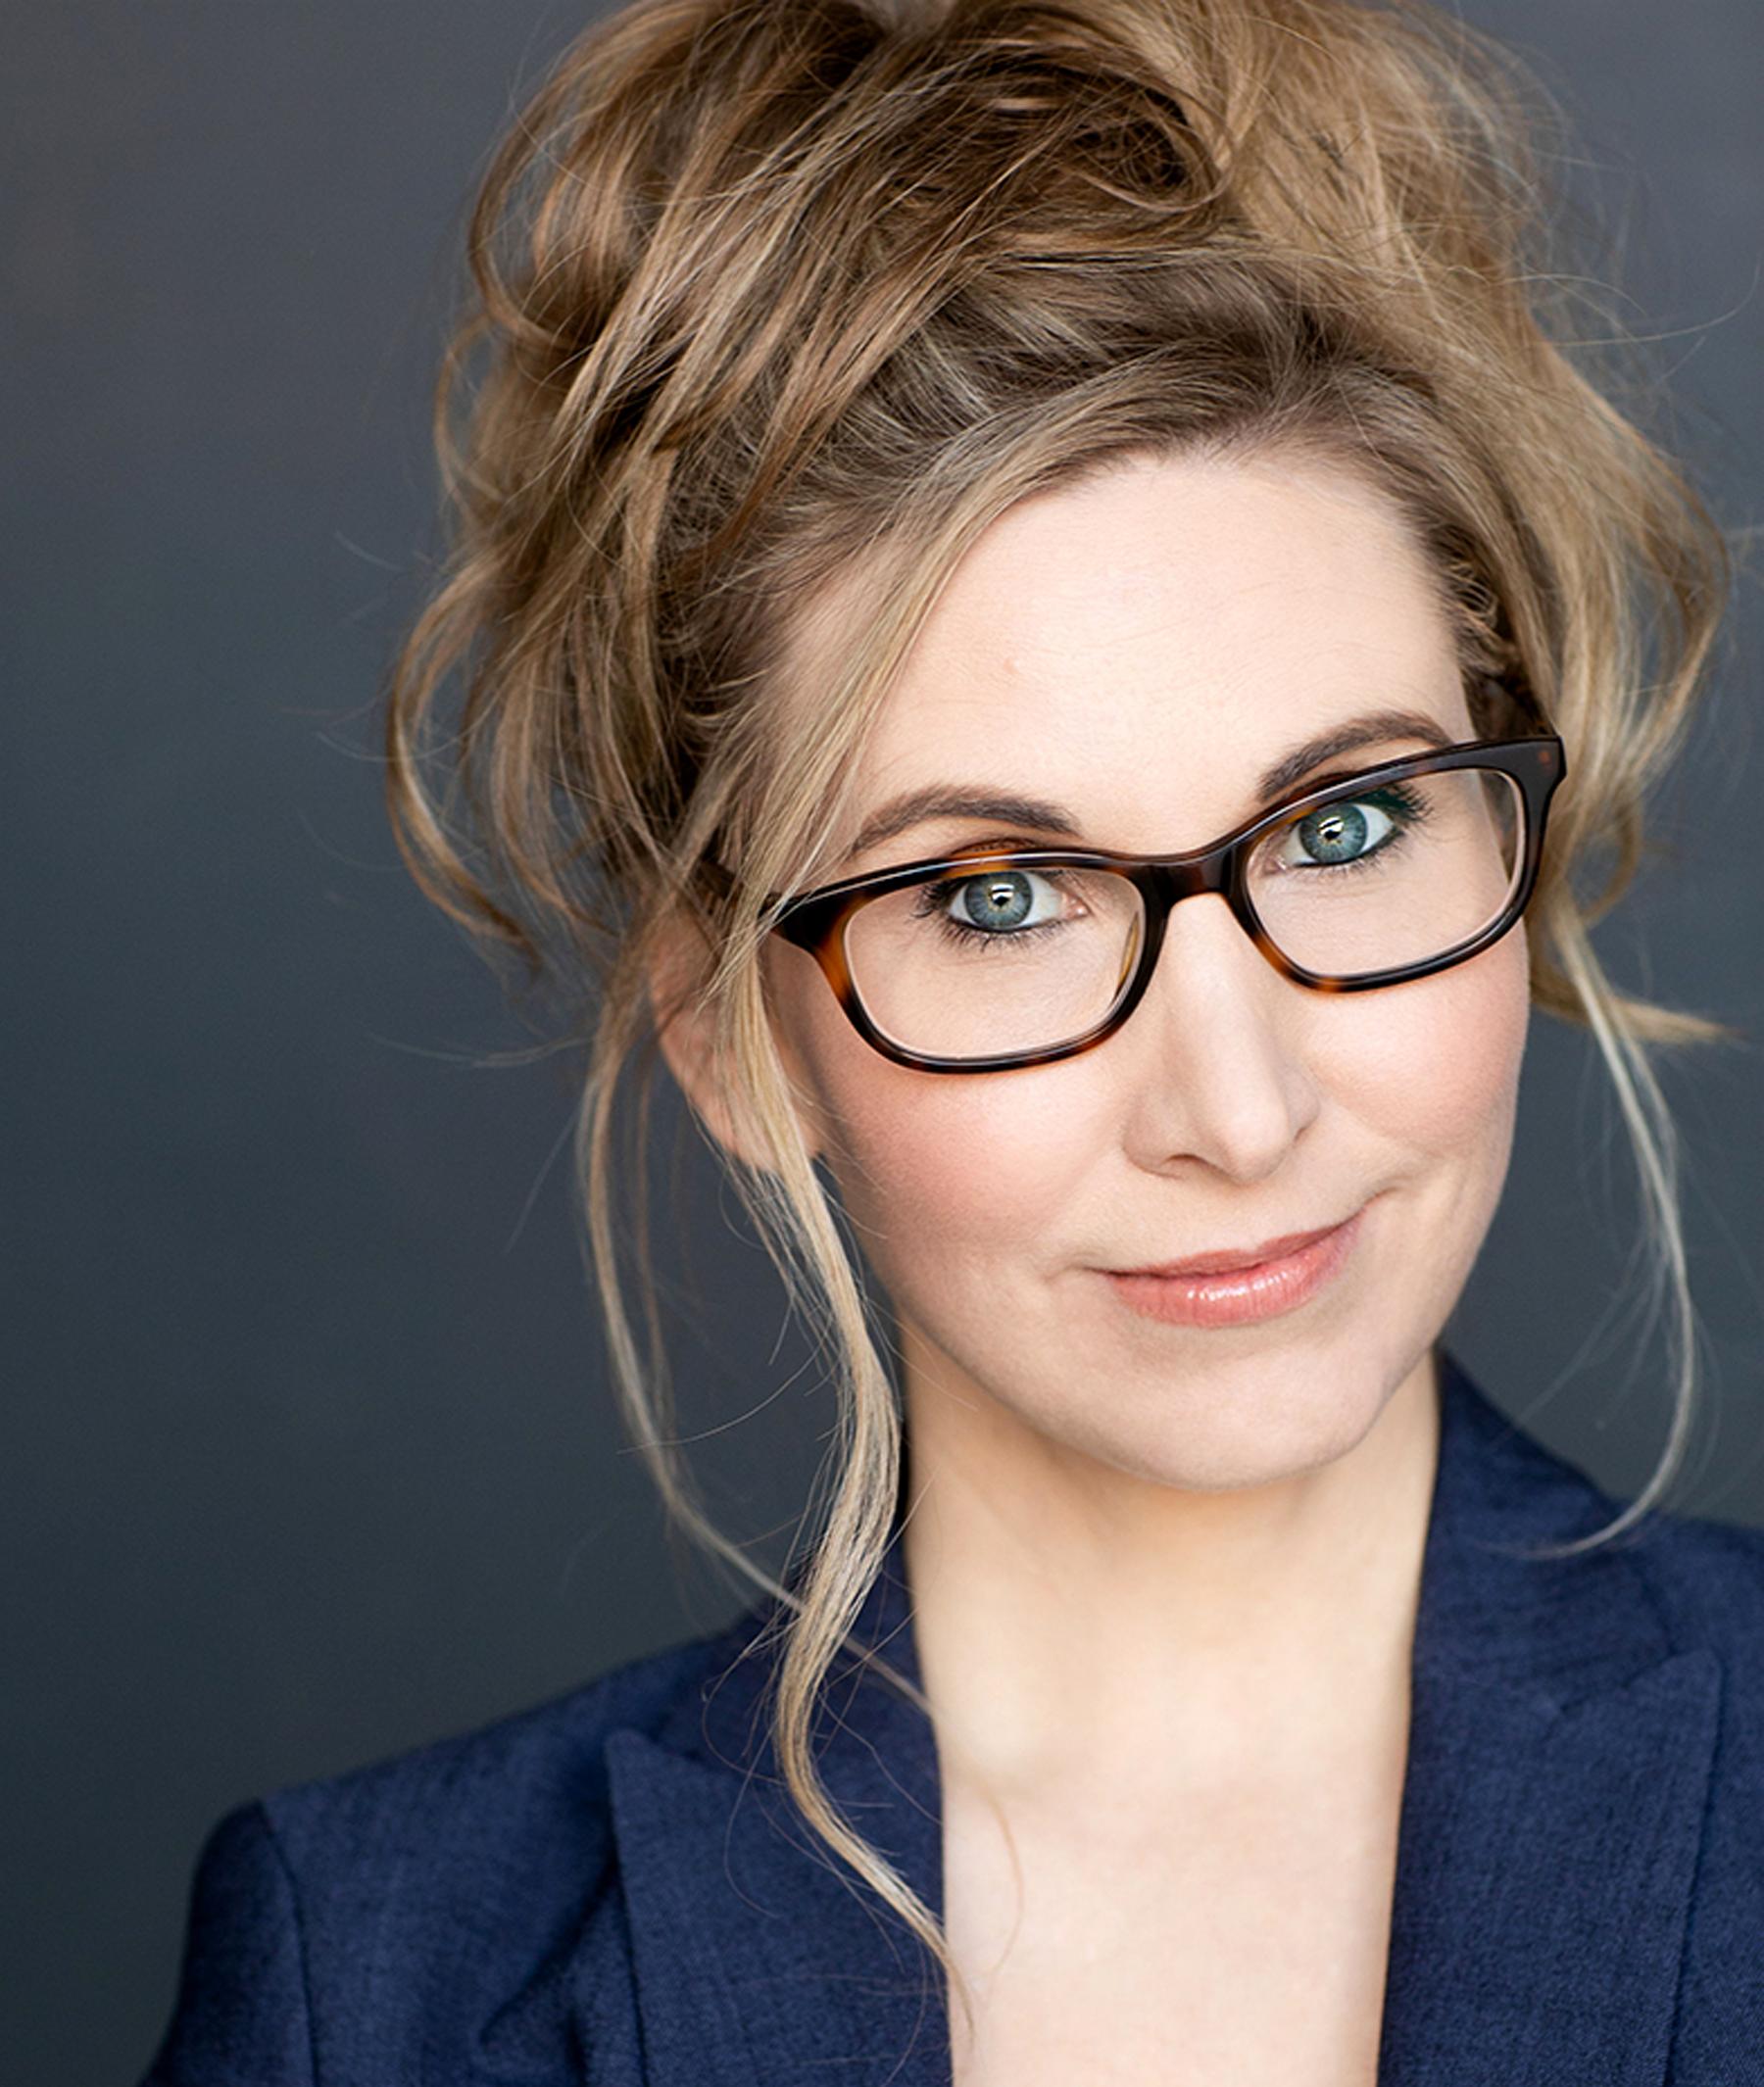 Katie von Till - LA VP Candidate